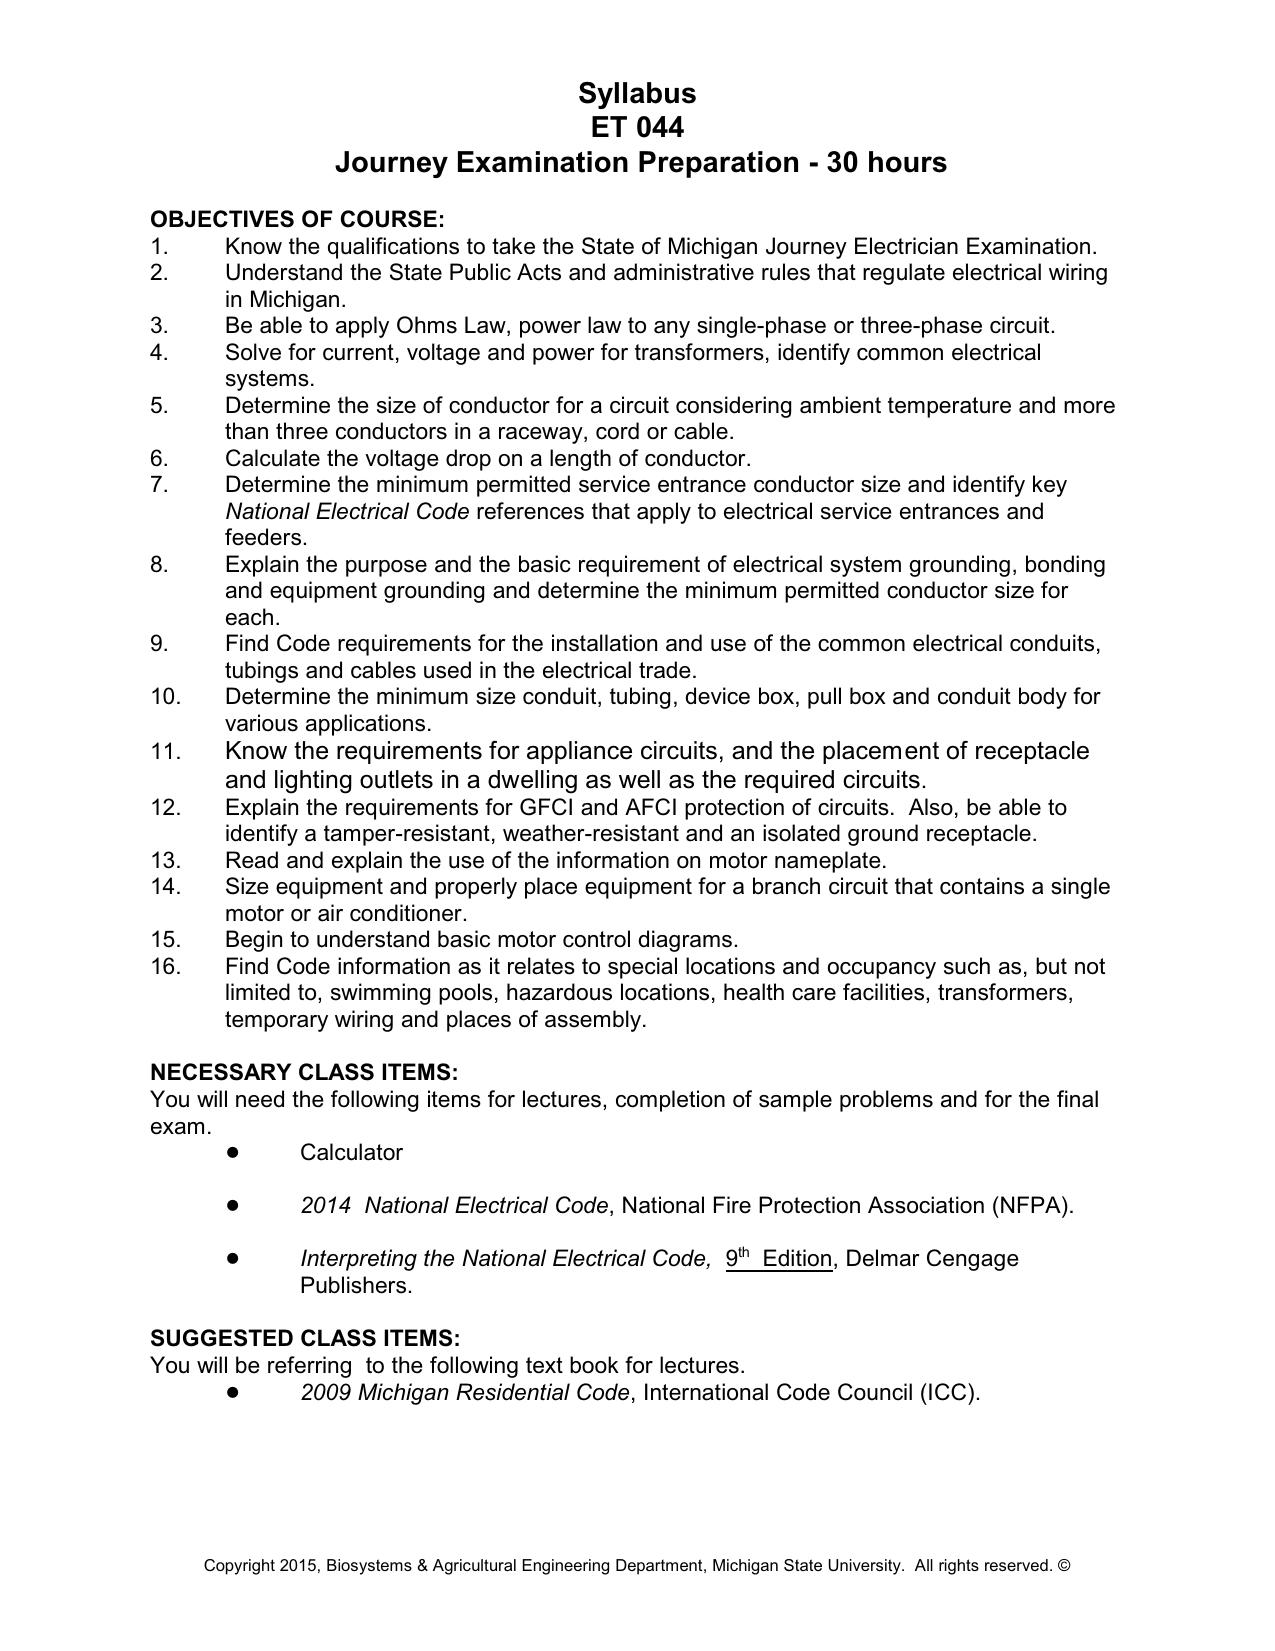 2009 Michigan Residential Code Book